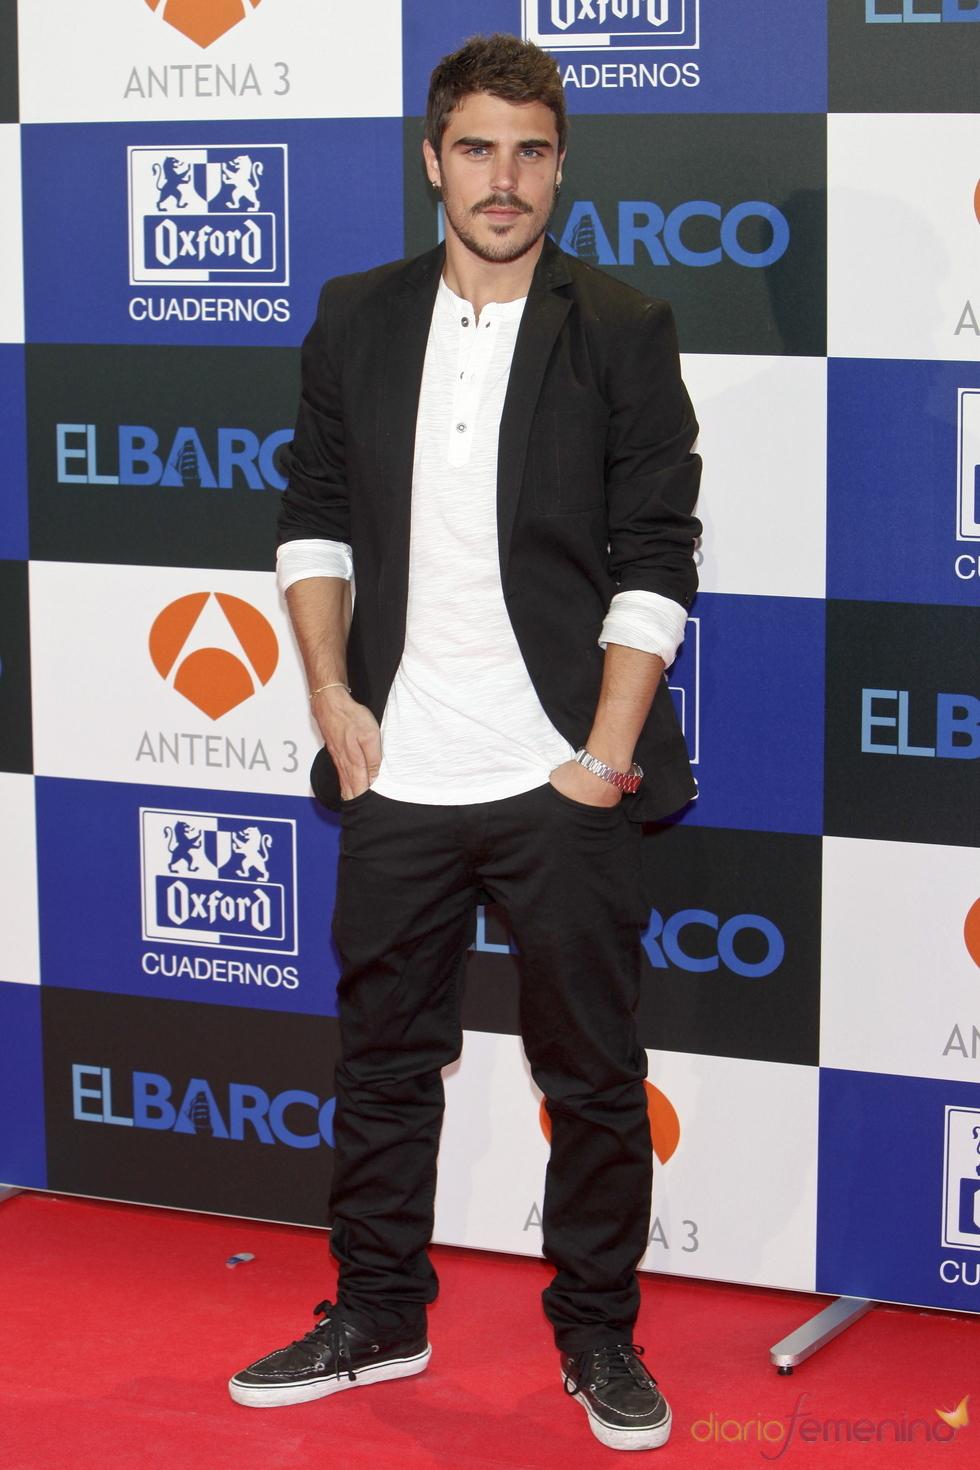 Javier Hernández en el estreno de la segunda temporada de 'El Barco' en Madrid